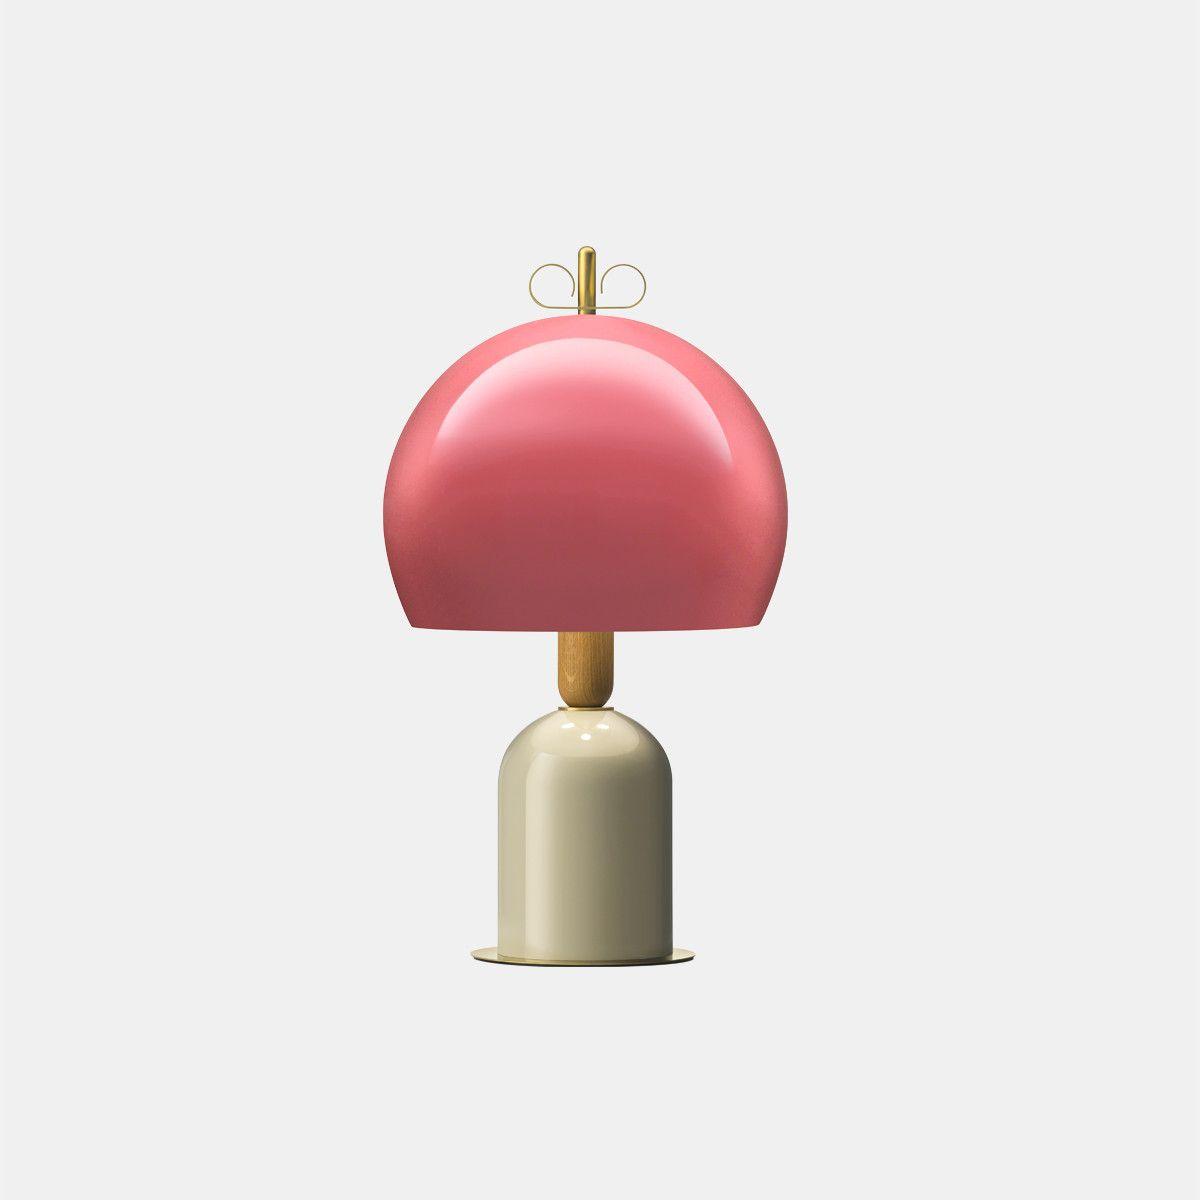 מנורת שולחן – בצבע ורוד N4_3EO